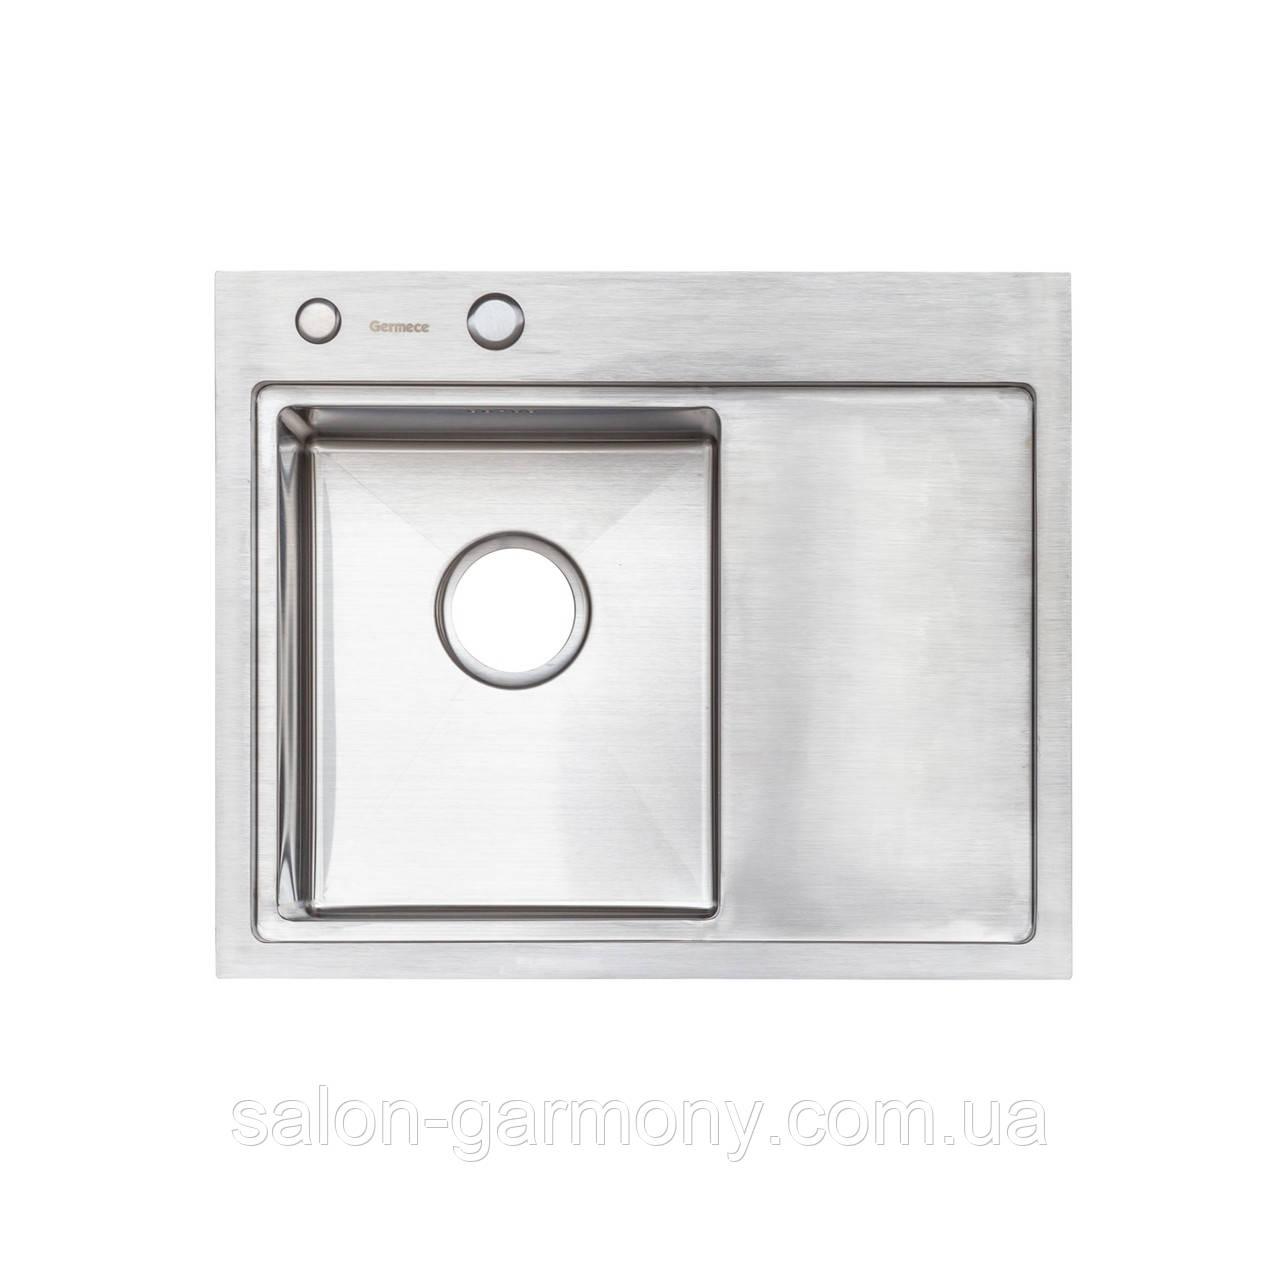 Кухонная мойка Platinum Handmade 58 * 48/220 L 3,0 / 1,5 мм корзина и дозатор в комплекте